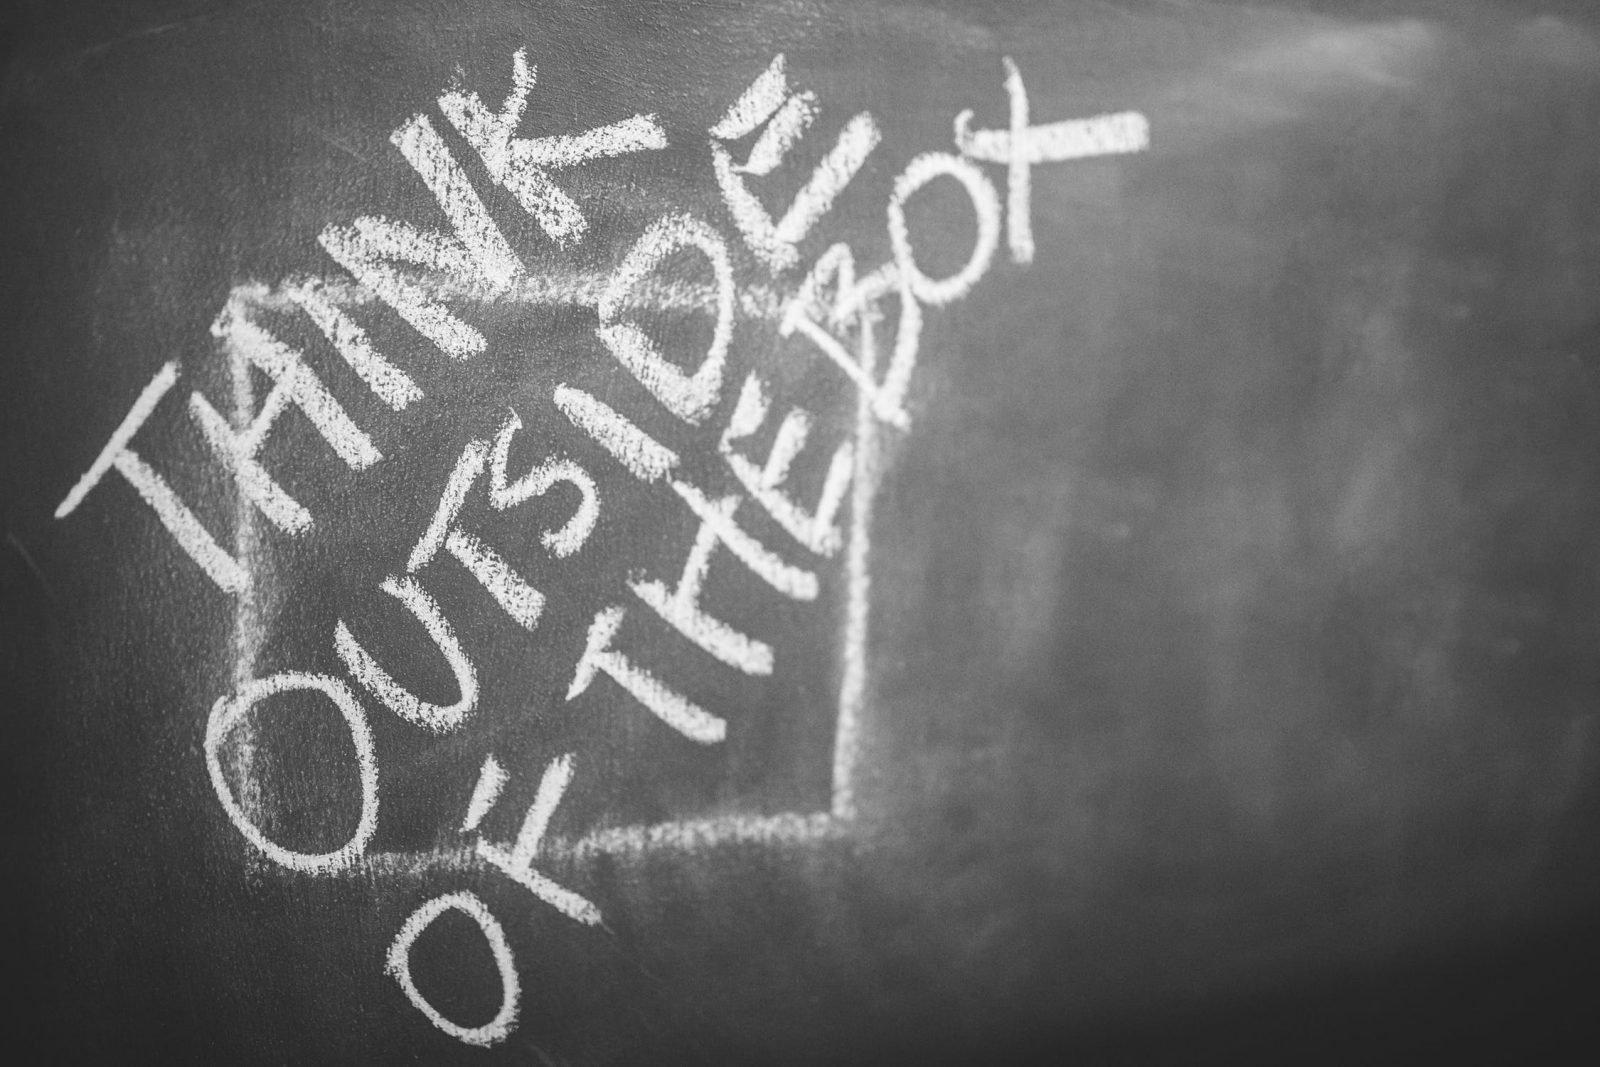 onbegrepen gedrag kijken naar jezelf schoolbord met de tekst think outside of the box